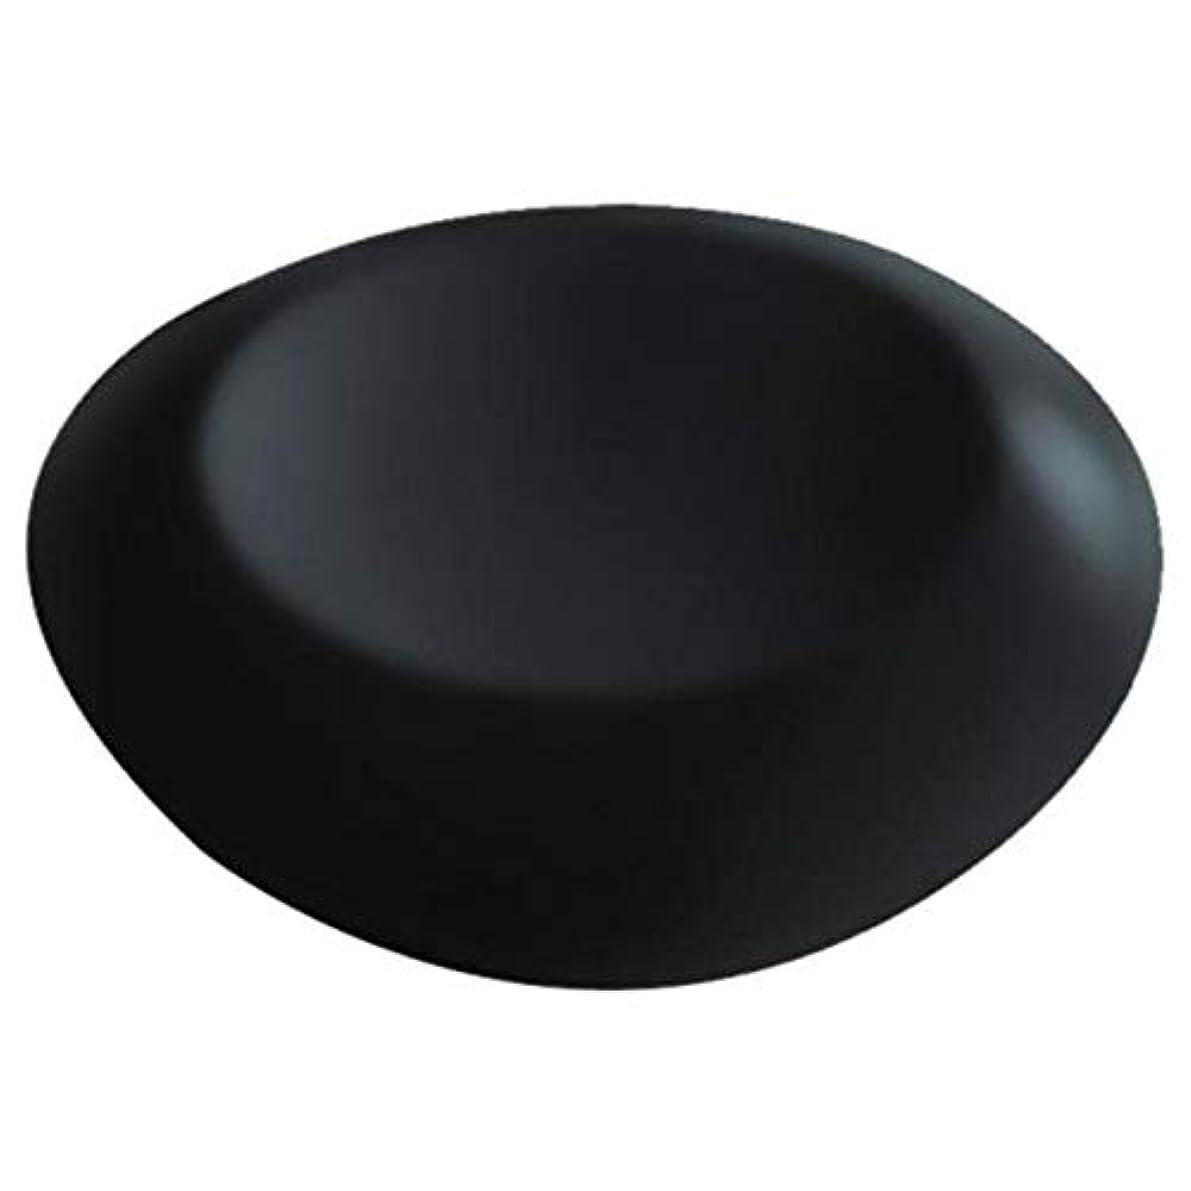 記事不測の事態ミュウミュウ滑り止めサクションカップ付きラウンドバスヘッドレストPUバスクッション人間工学に基づいたホームスパヘッドレスト